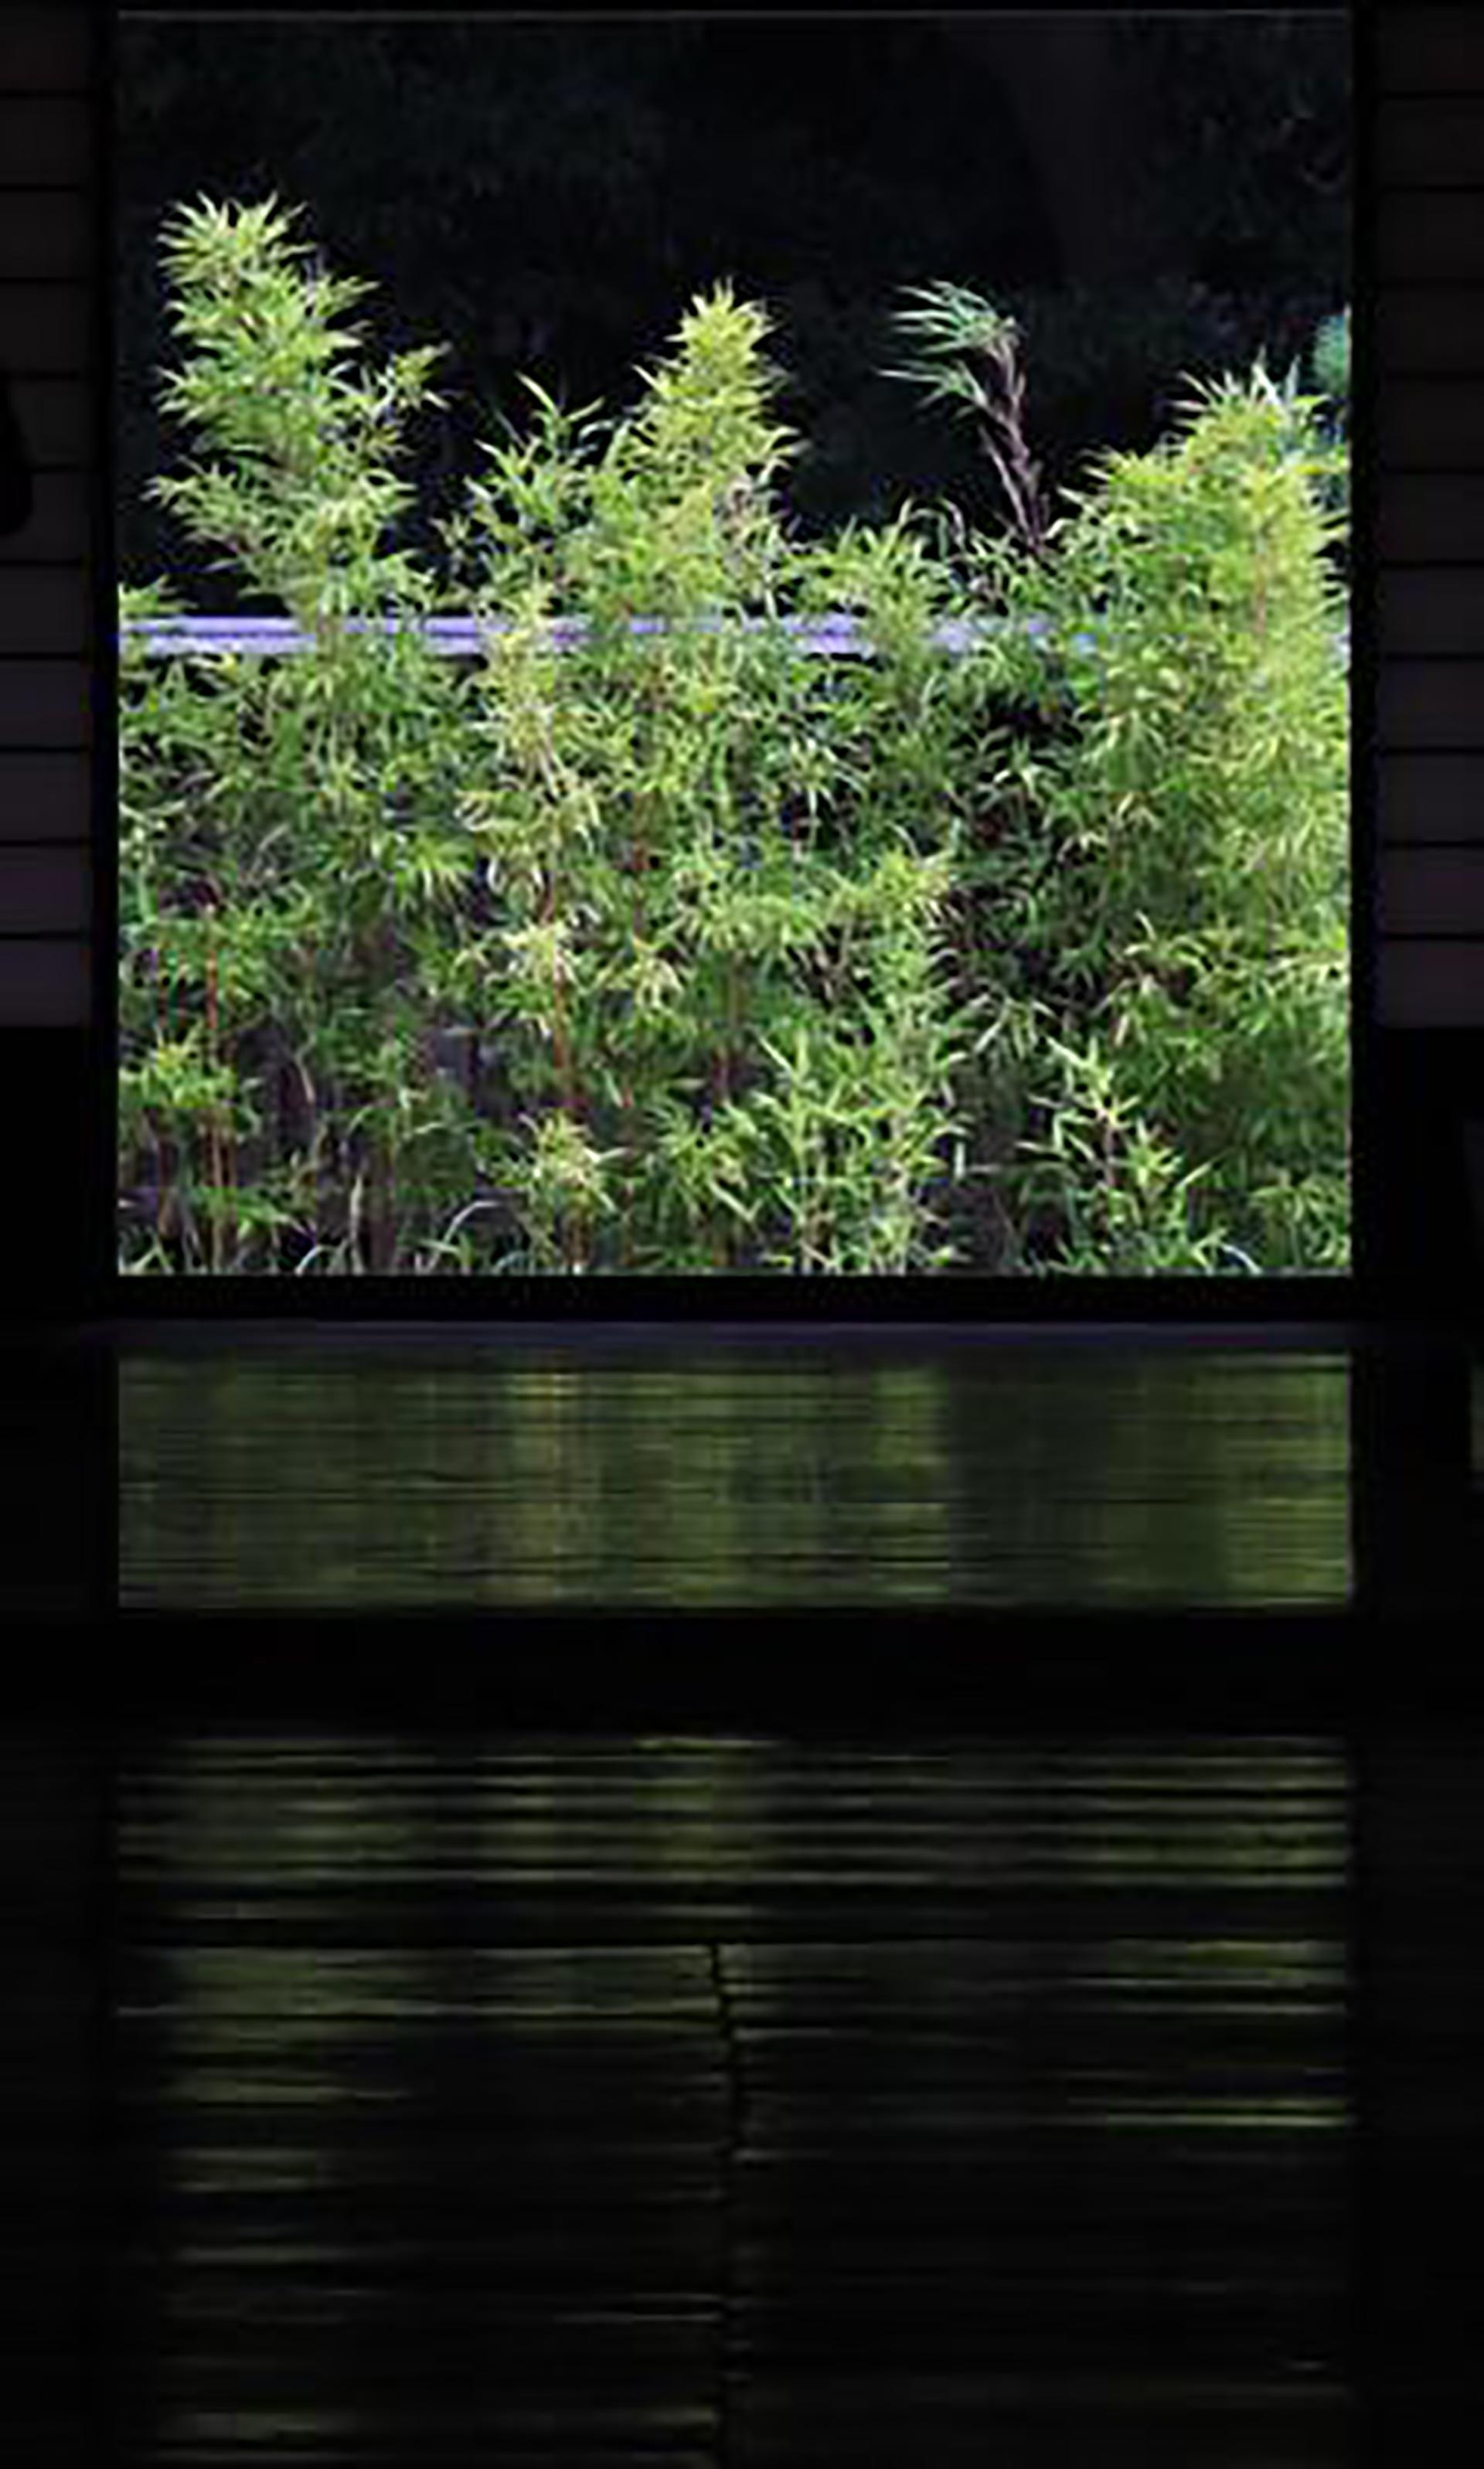 この写真は民家の中から、庭を撮影したものです